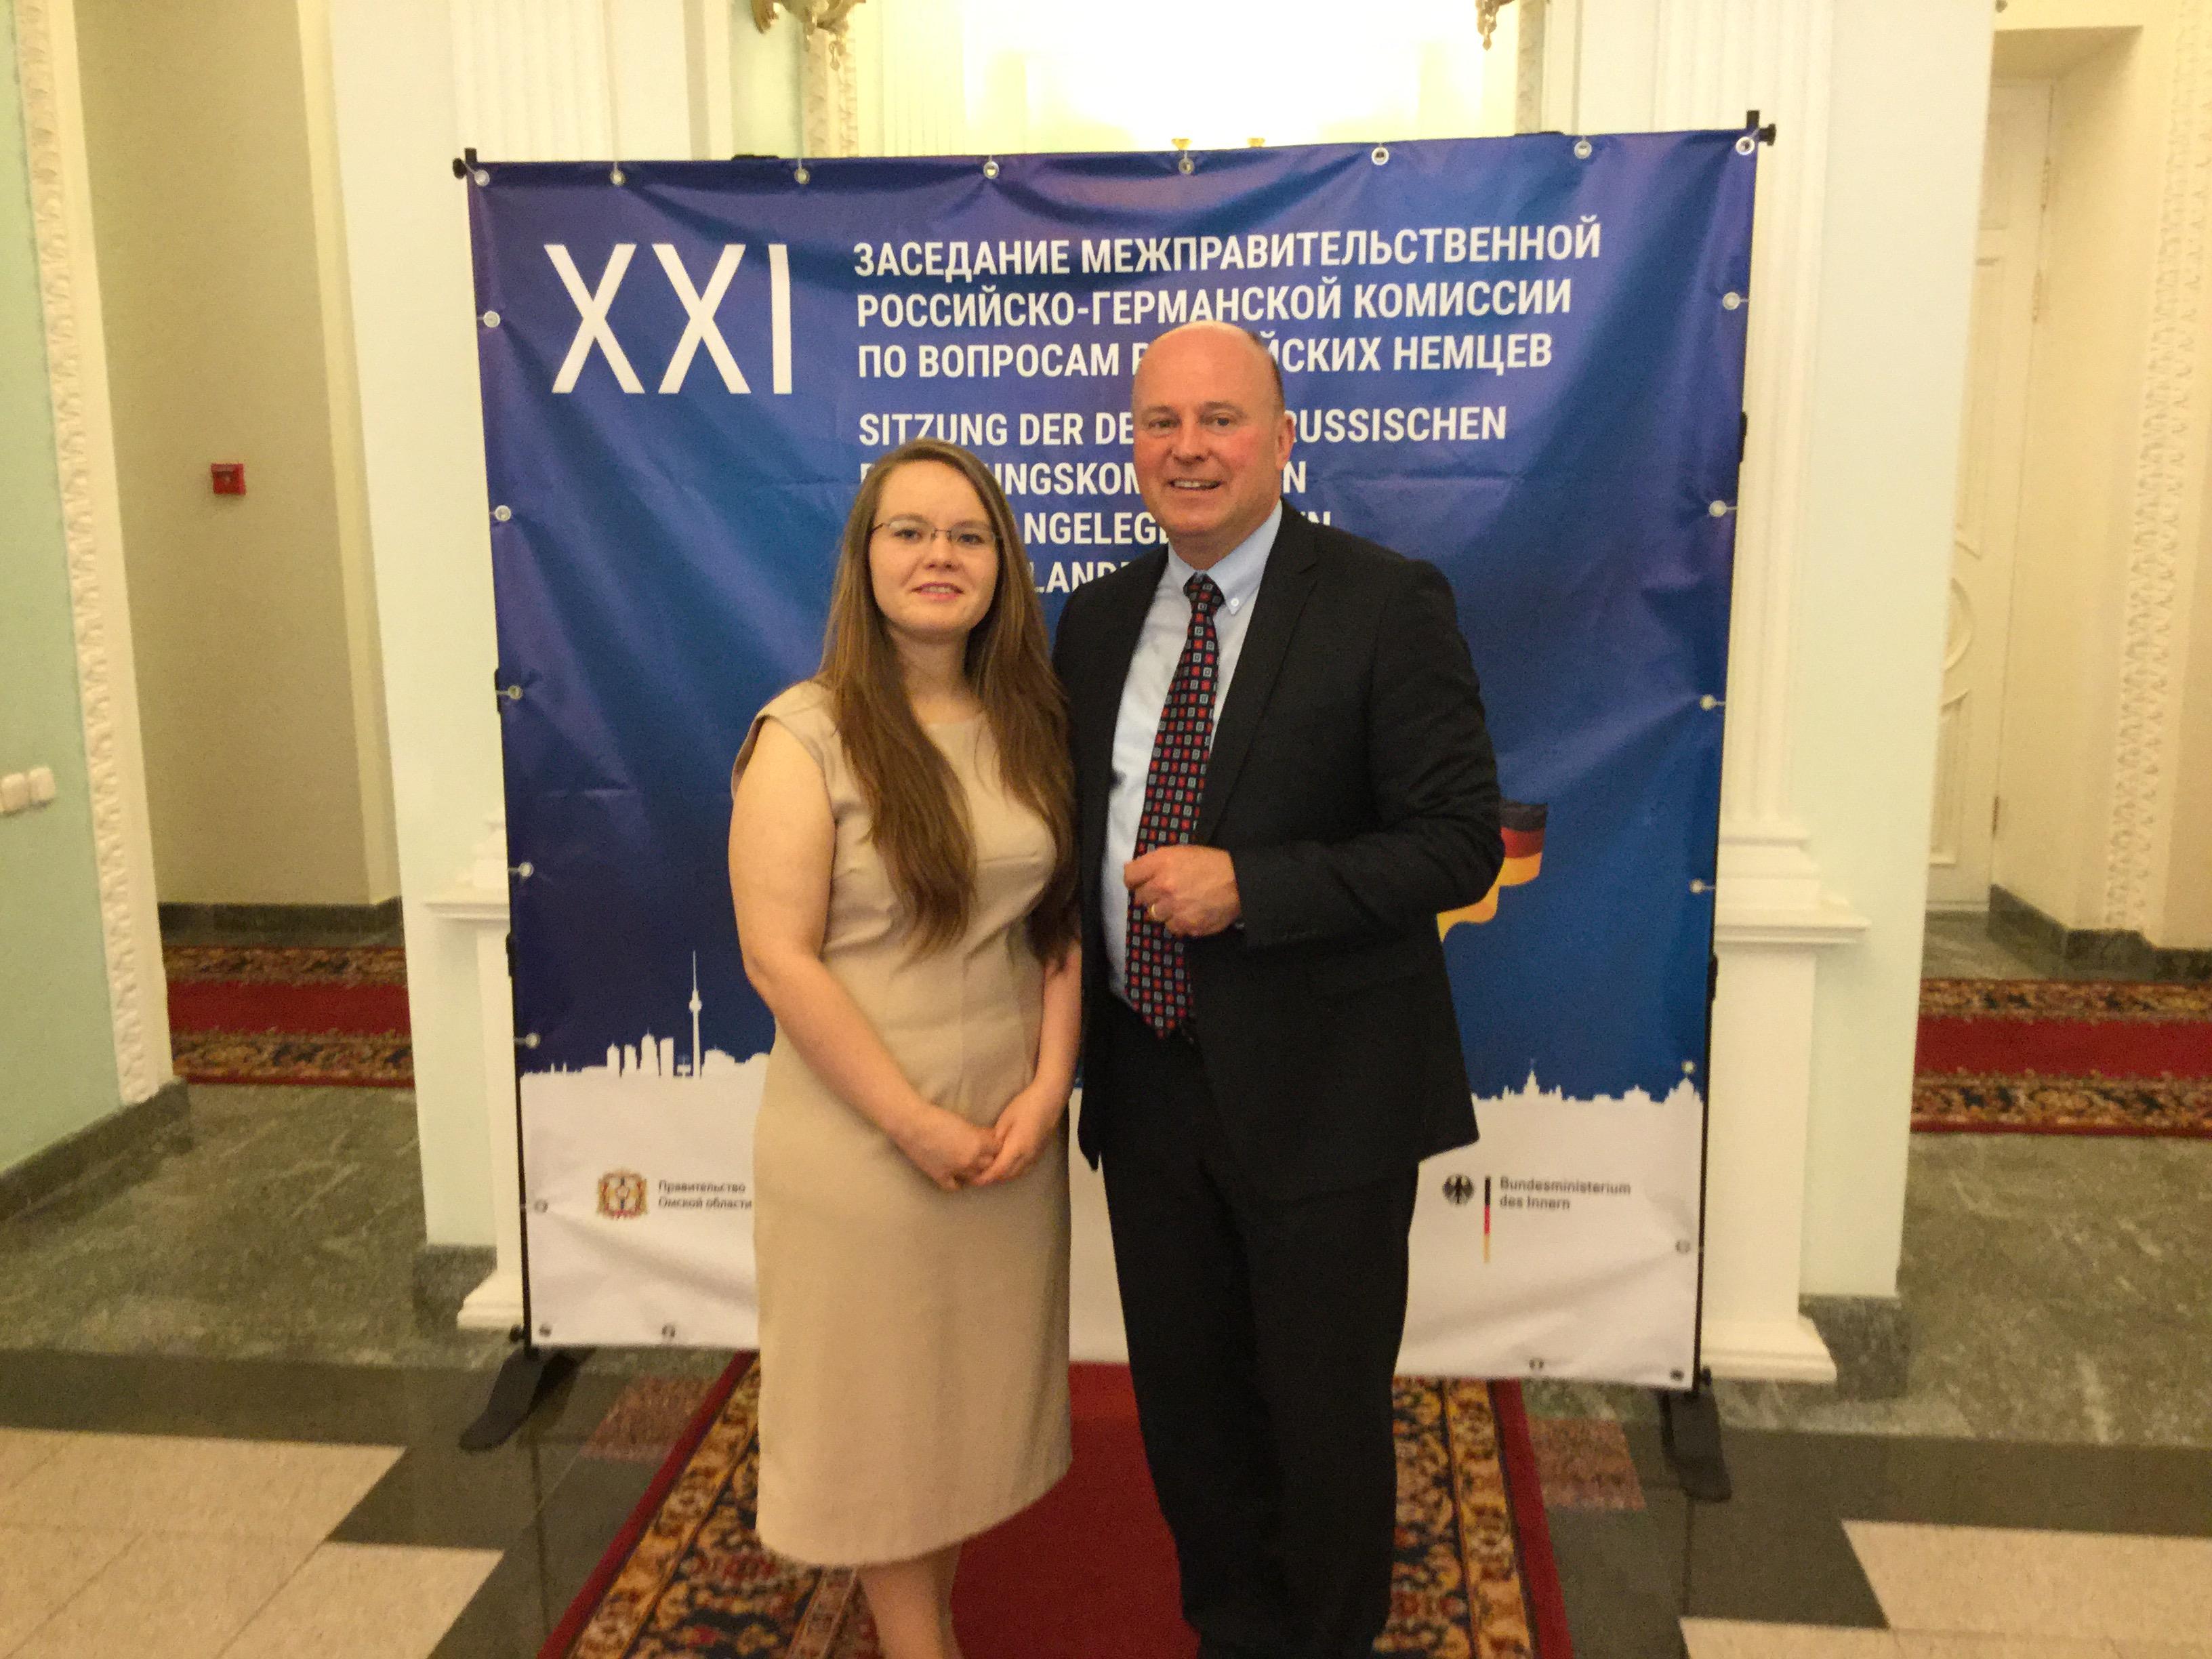 Bei der Deutsch-Russischen Regierungskommission für die Angelegenheiten der Russlanddeutschen unter Vorsitz des Beauftragten der Bundesregierung für Aussiedlerfragen und nationale Minderheiten, Herrn Hartmut Koschyk, MdB.